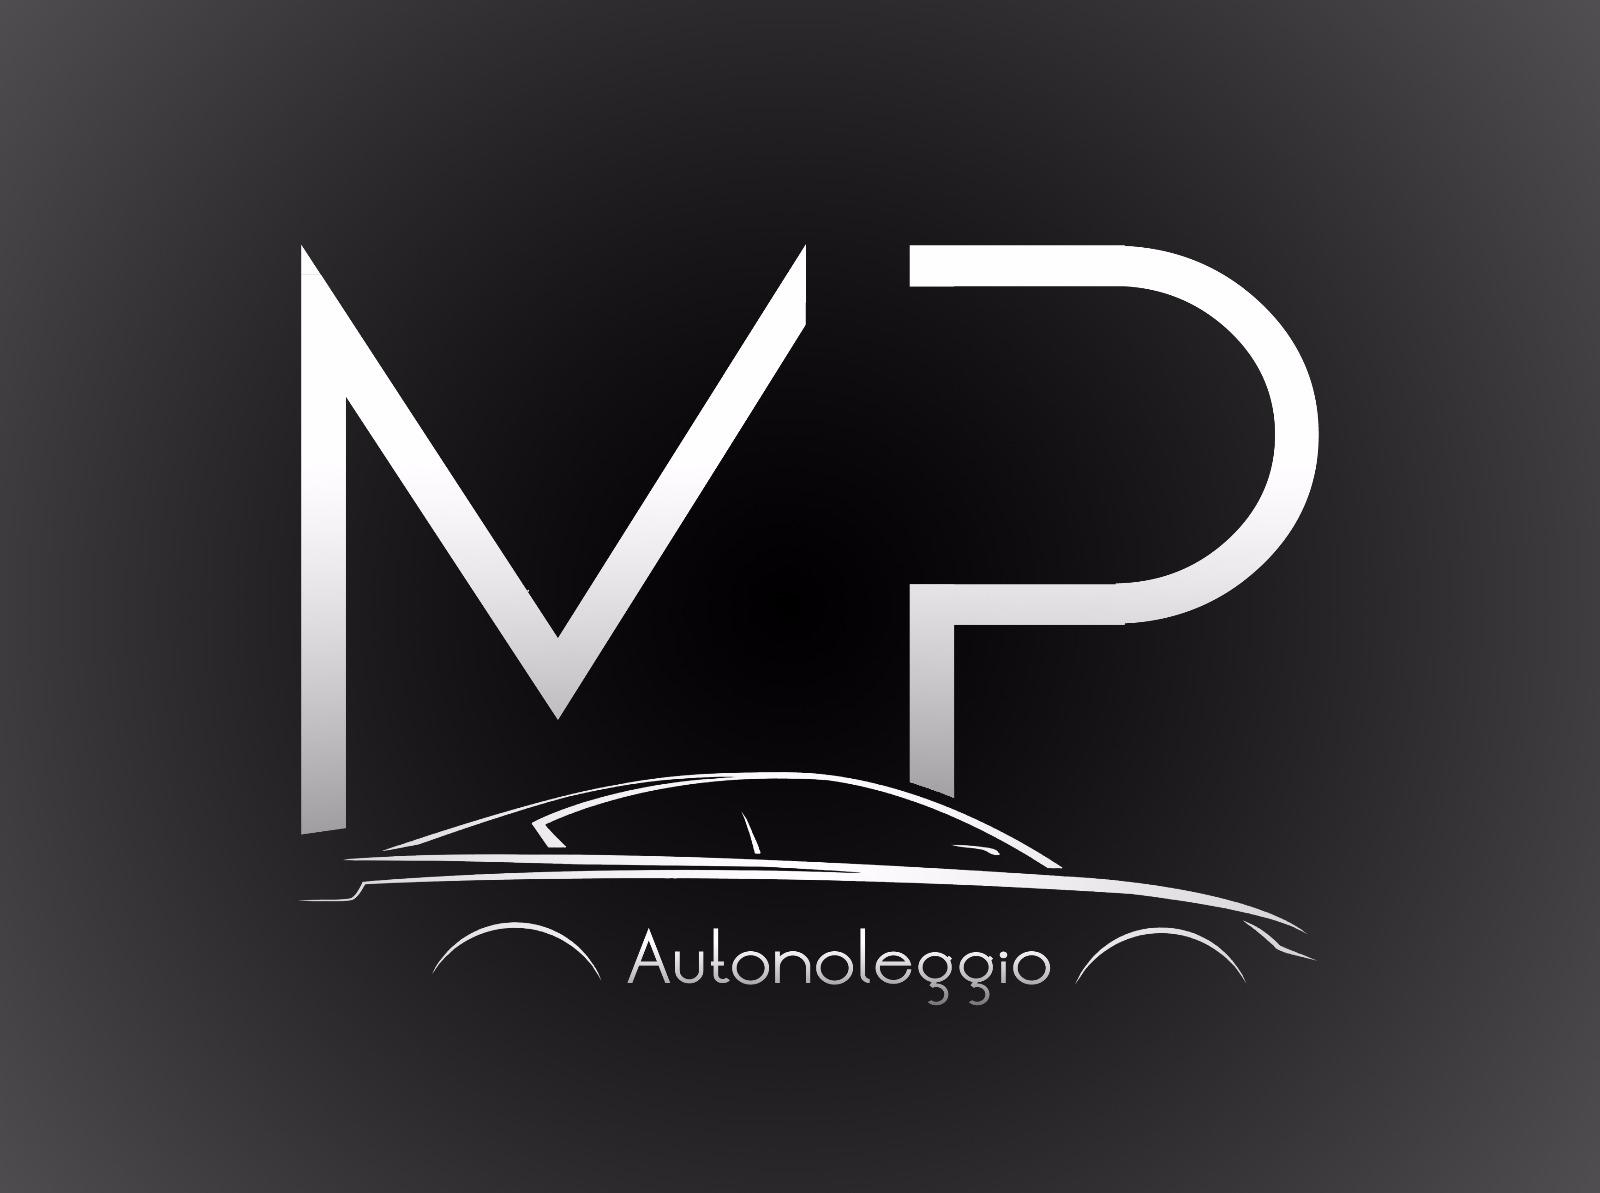 MP Autonoleggio di Marco Peterlini noleggio con conducente